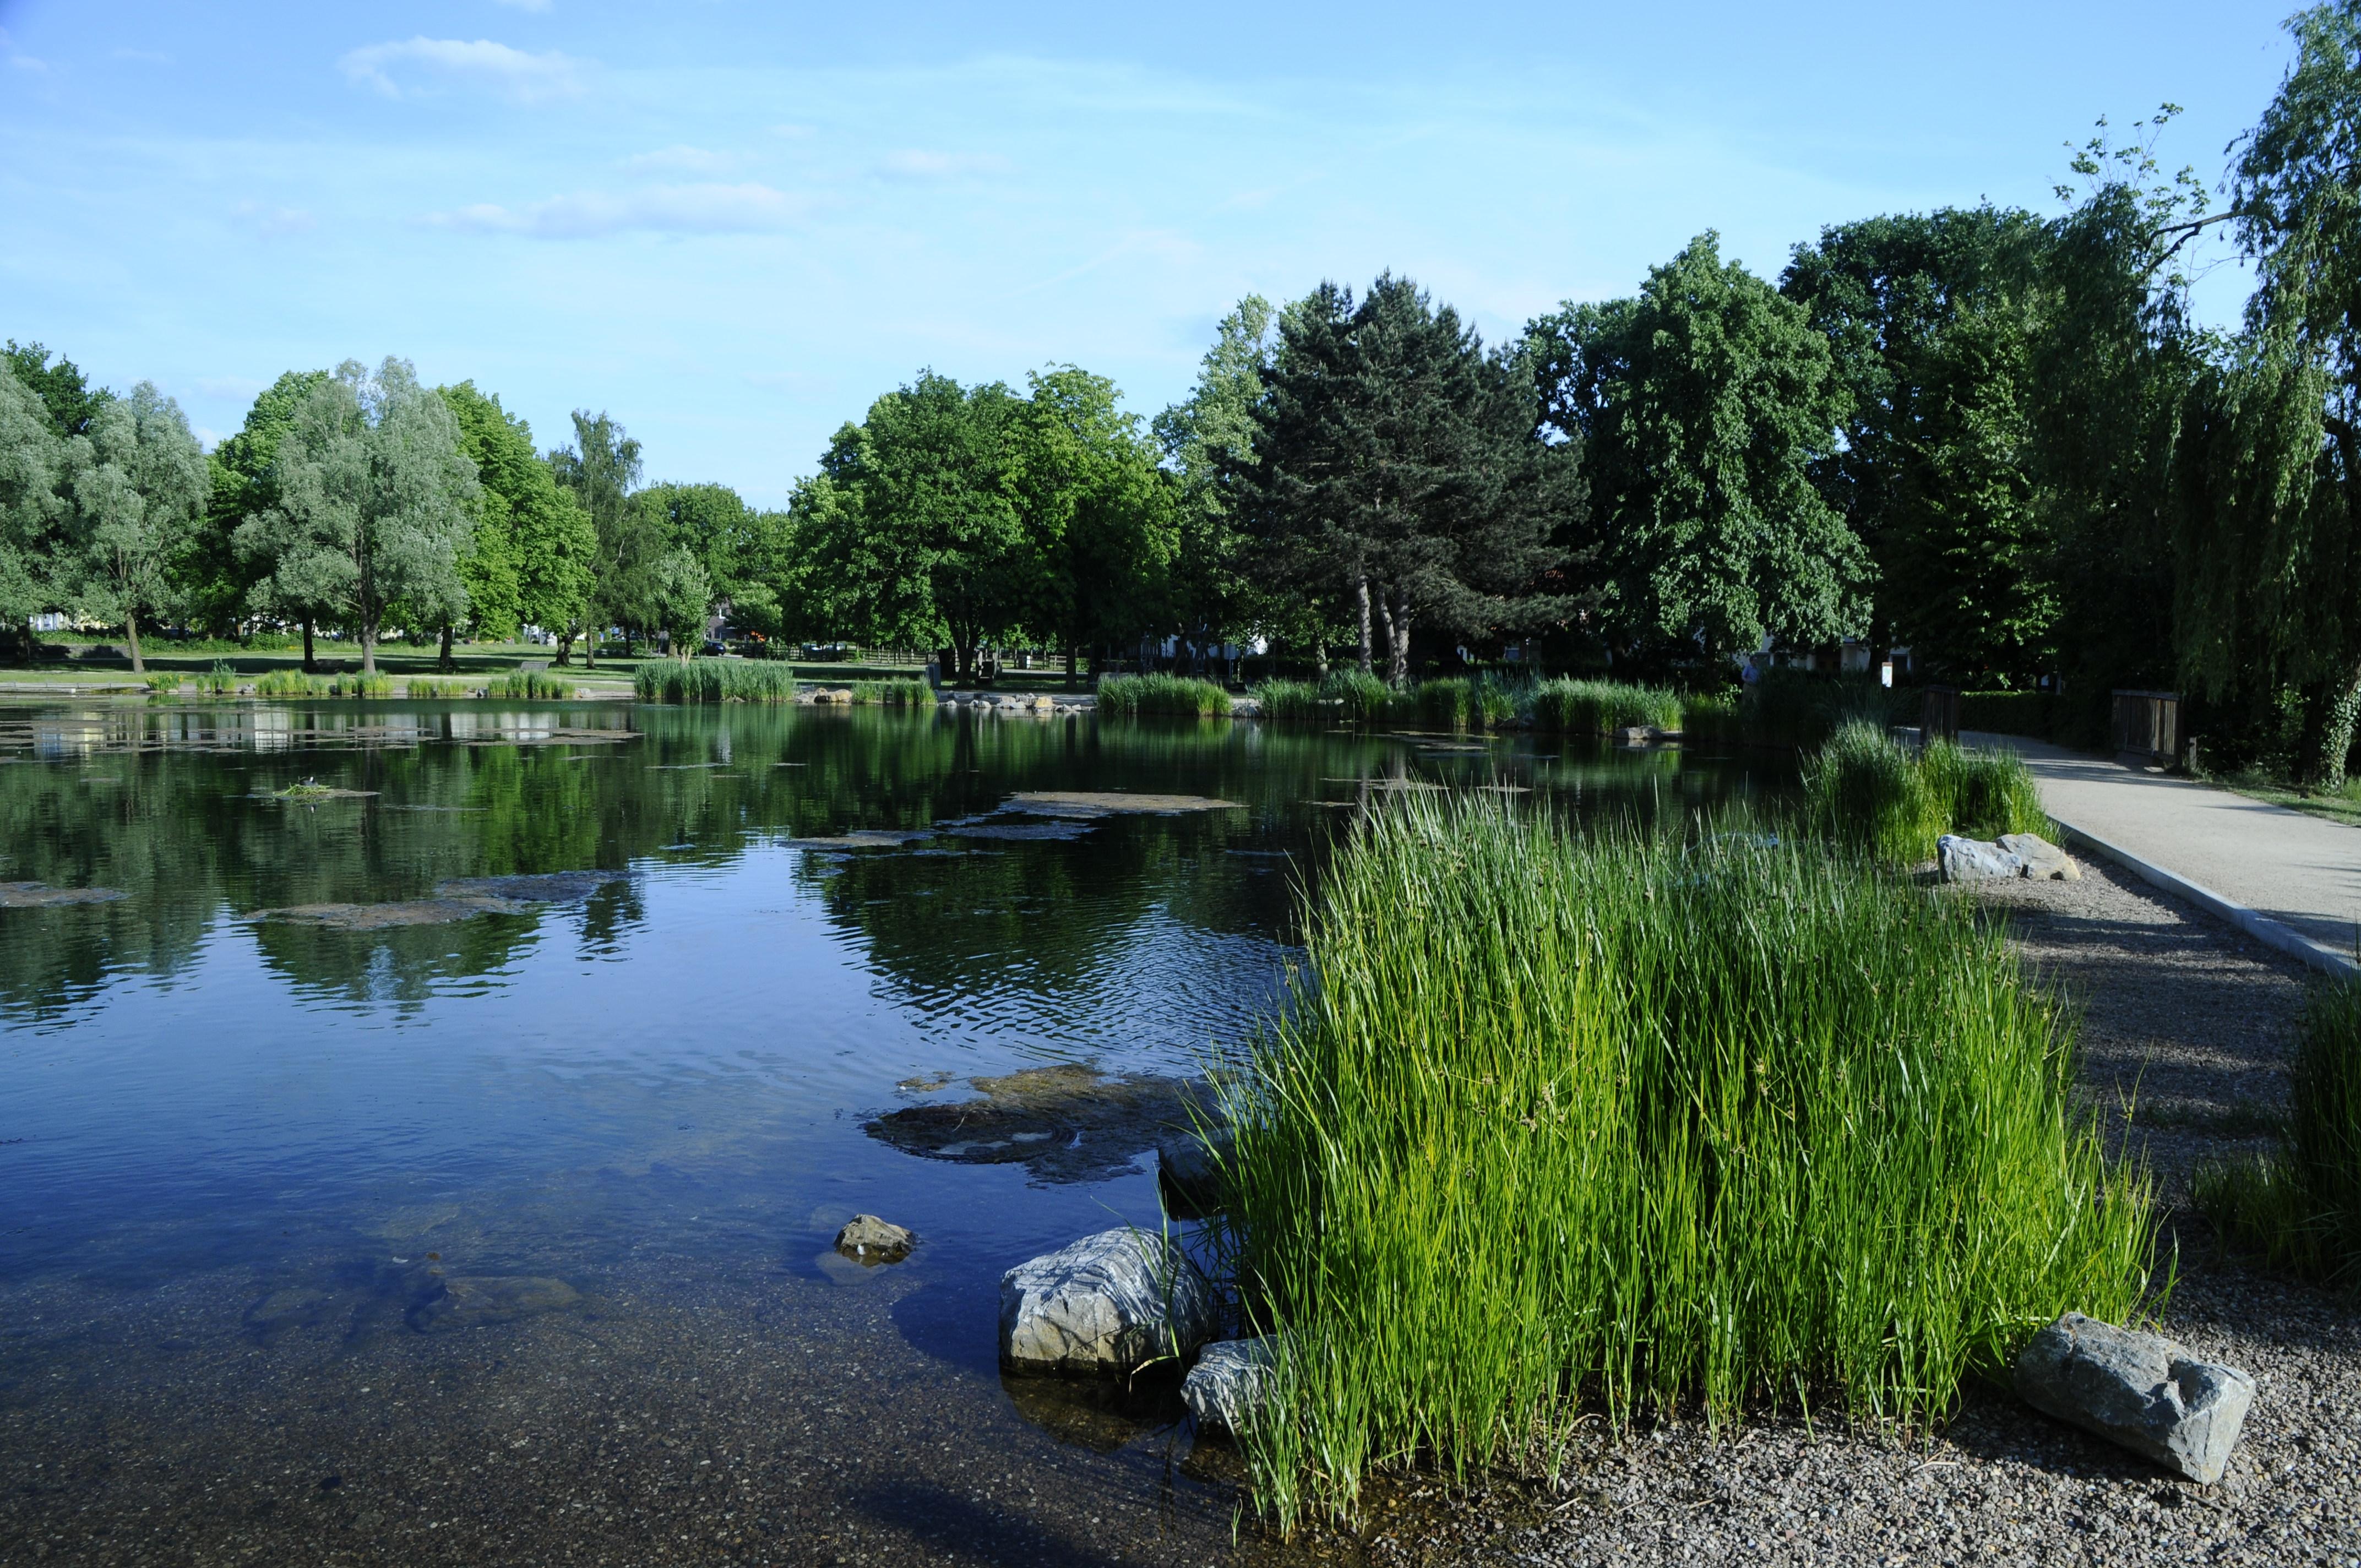 Glockensee